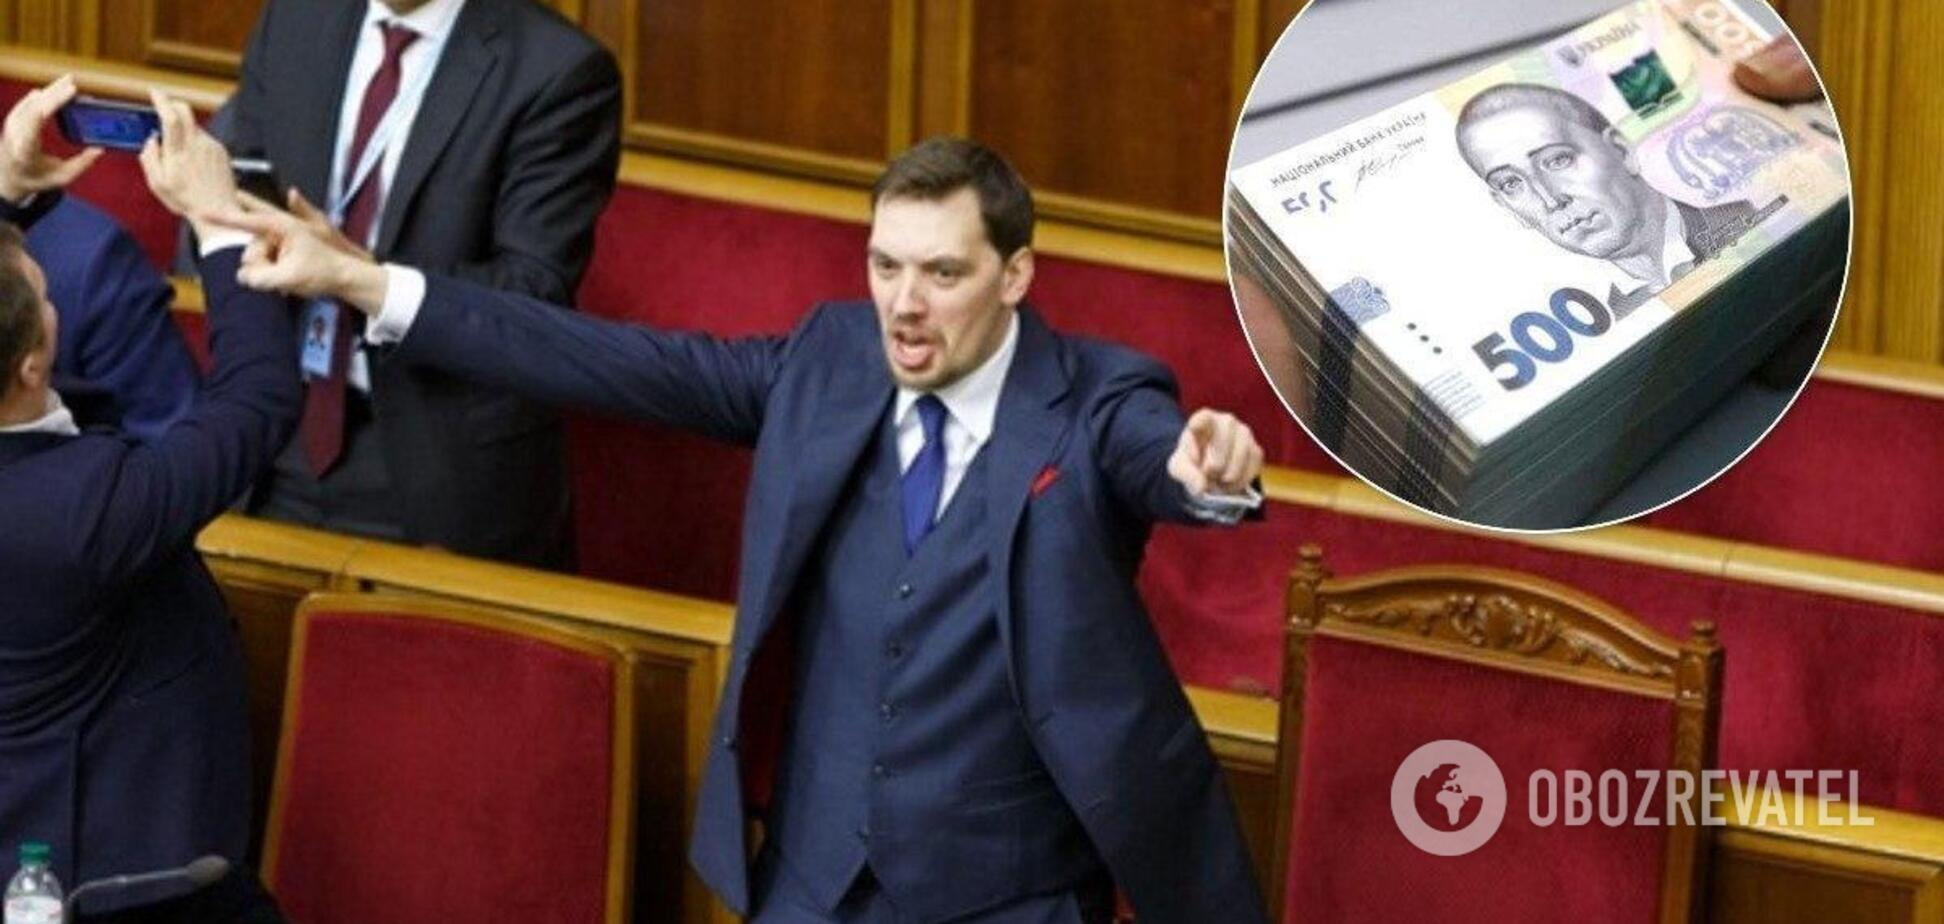 Газ был бы дороже в 4 раза: Гончарук дал подробный отчет правительства в Раде